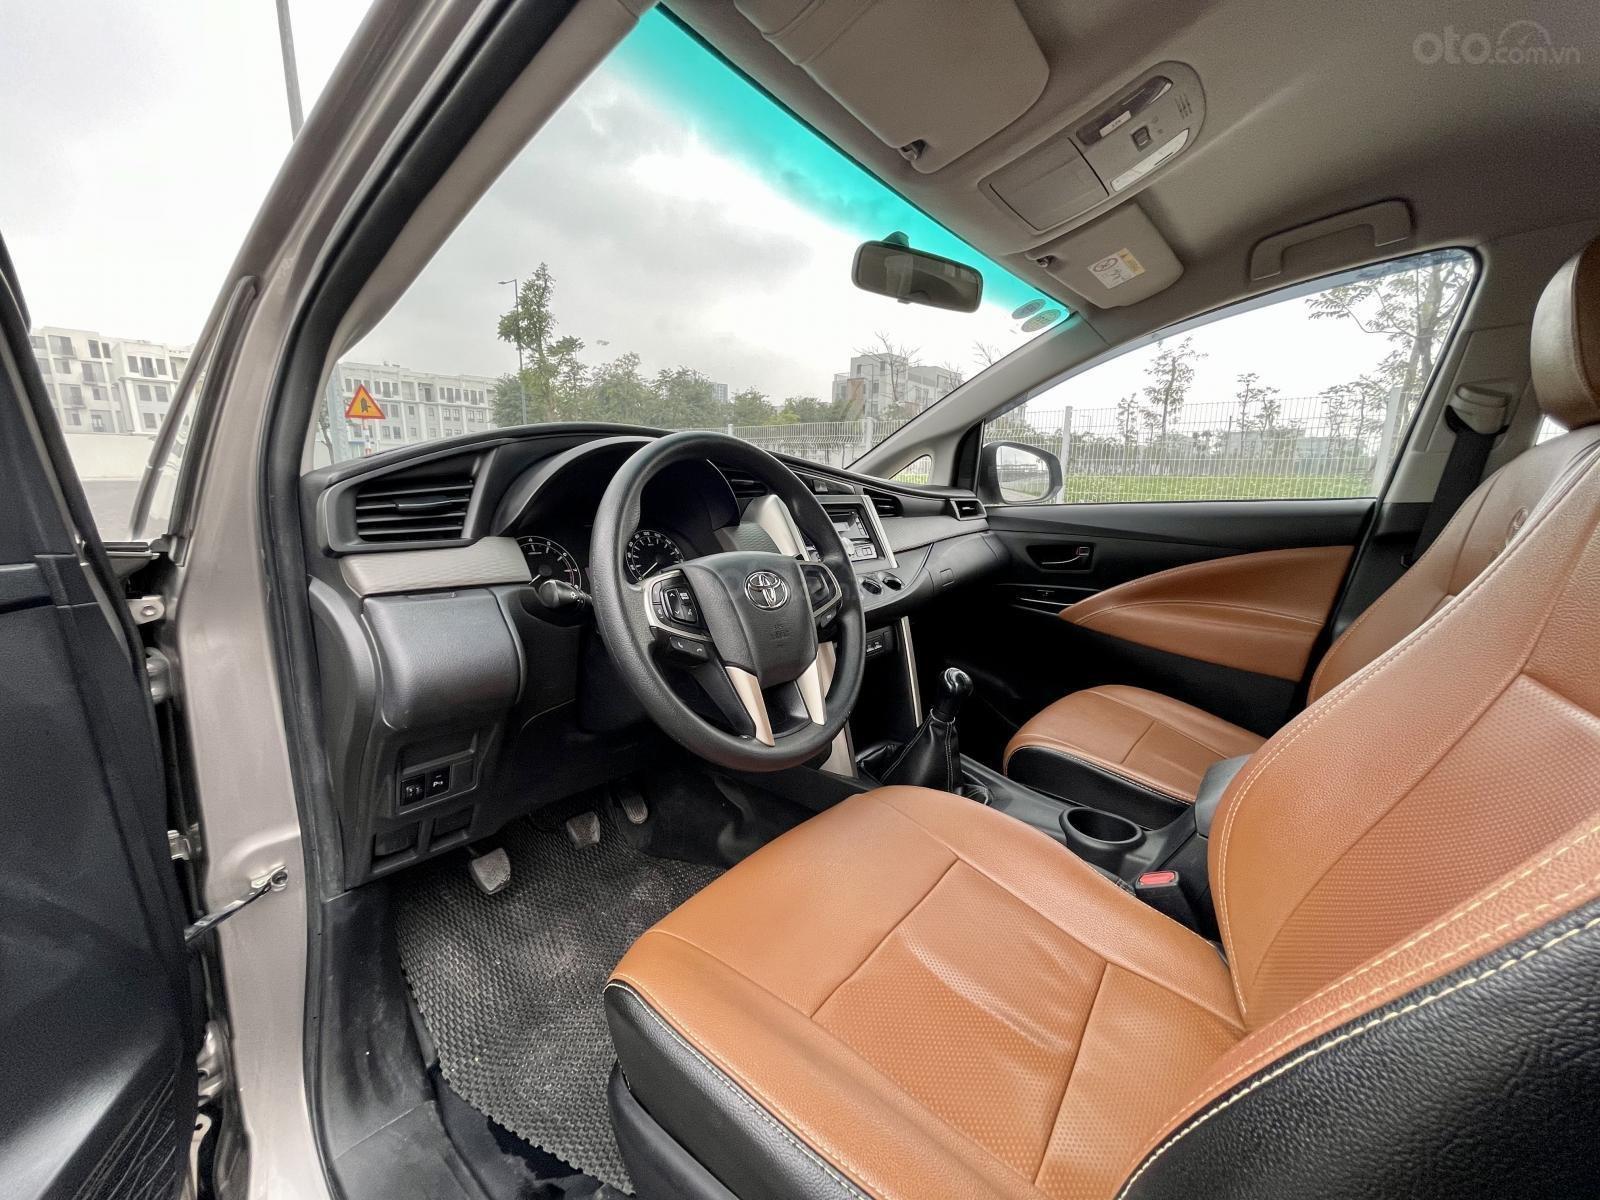 Bán Toyota Innova 2.0E sản xuất 2017 (6)